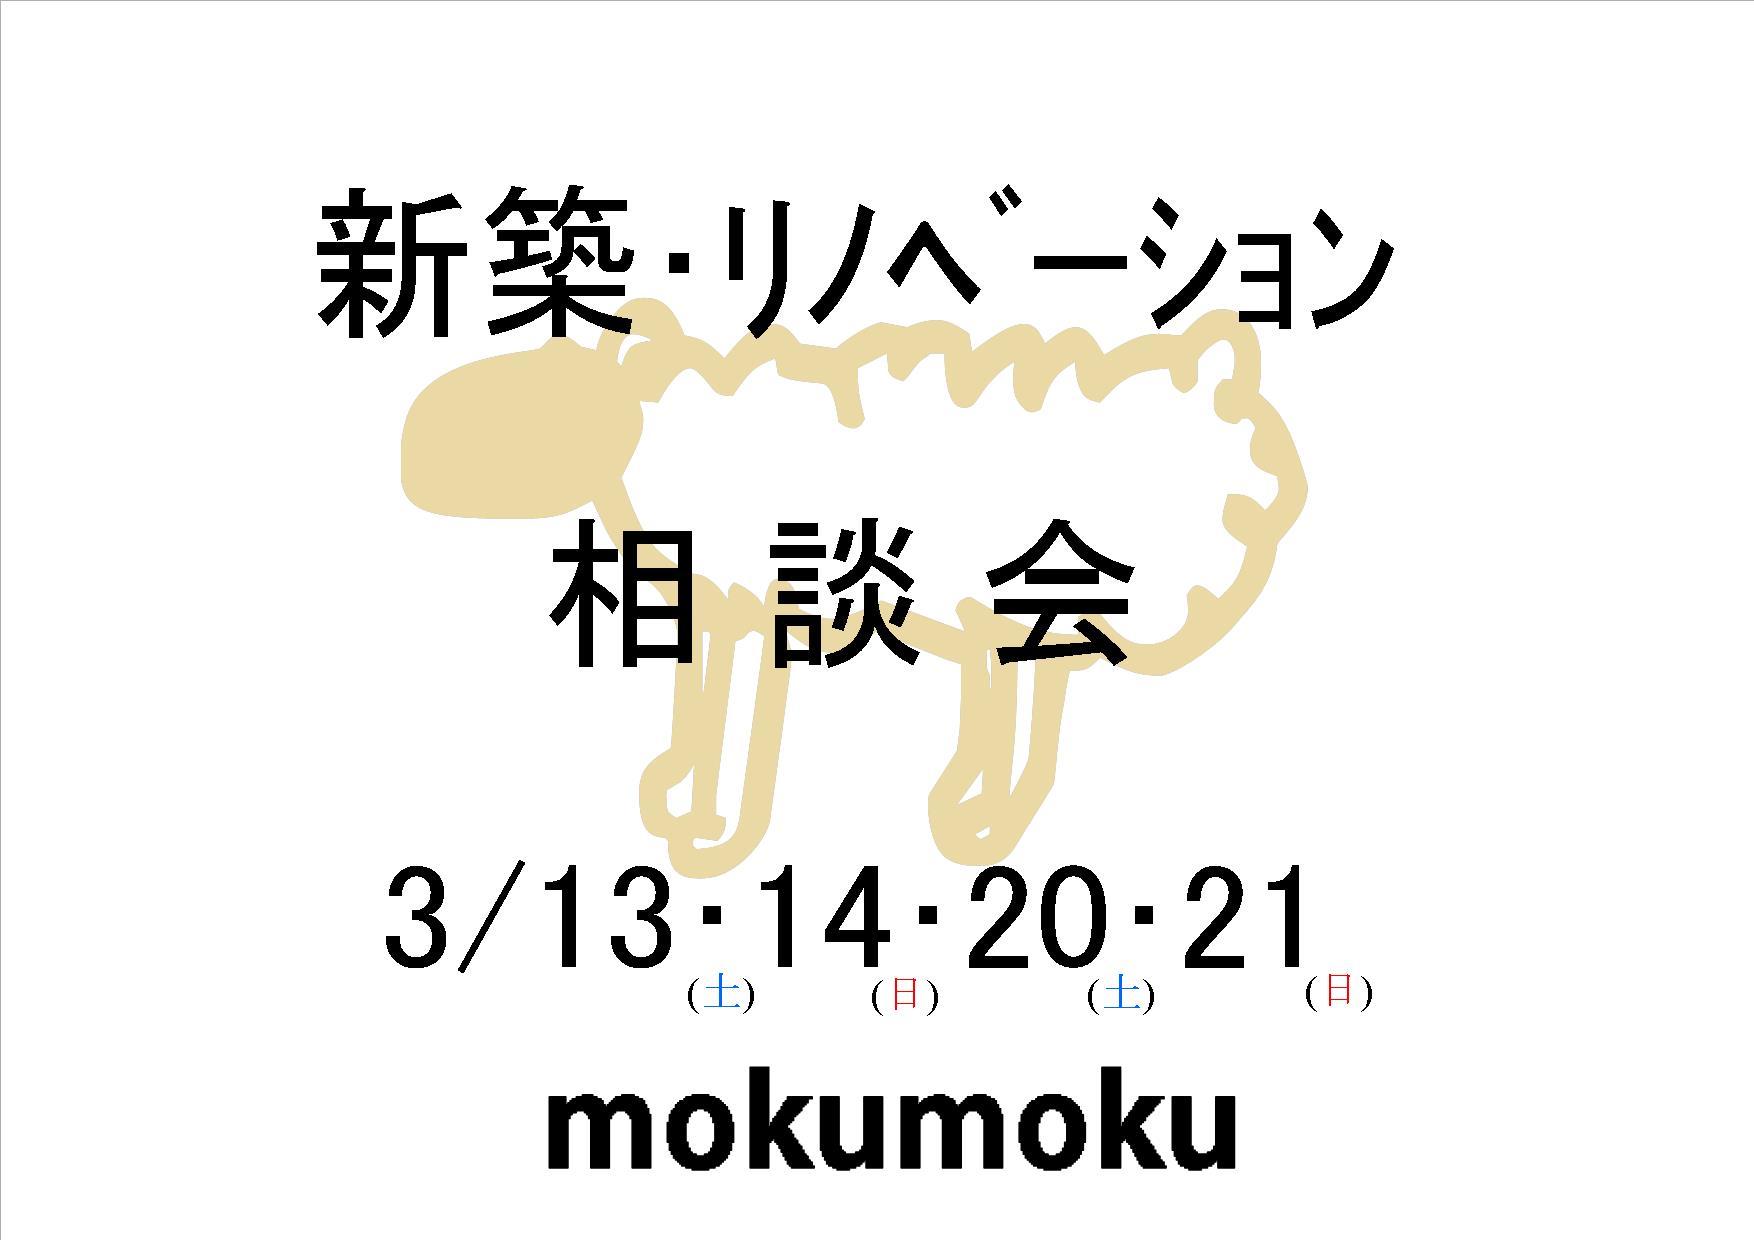 R3.13・14 (土・日) 新築・リノベーション相談会 @mokumoku